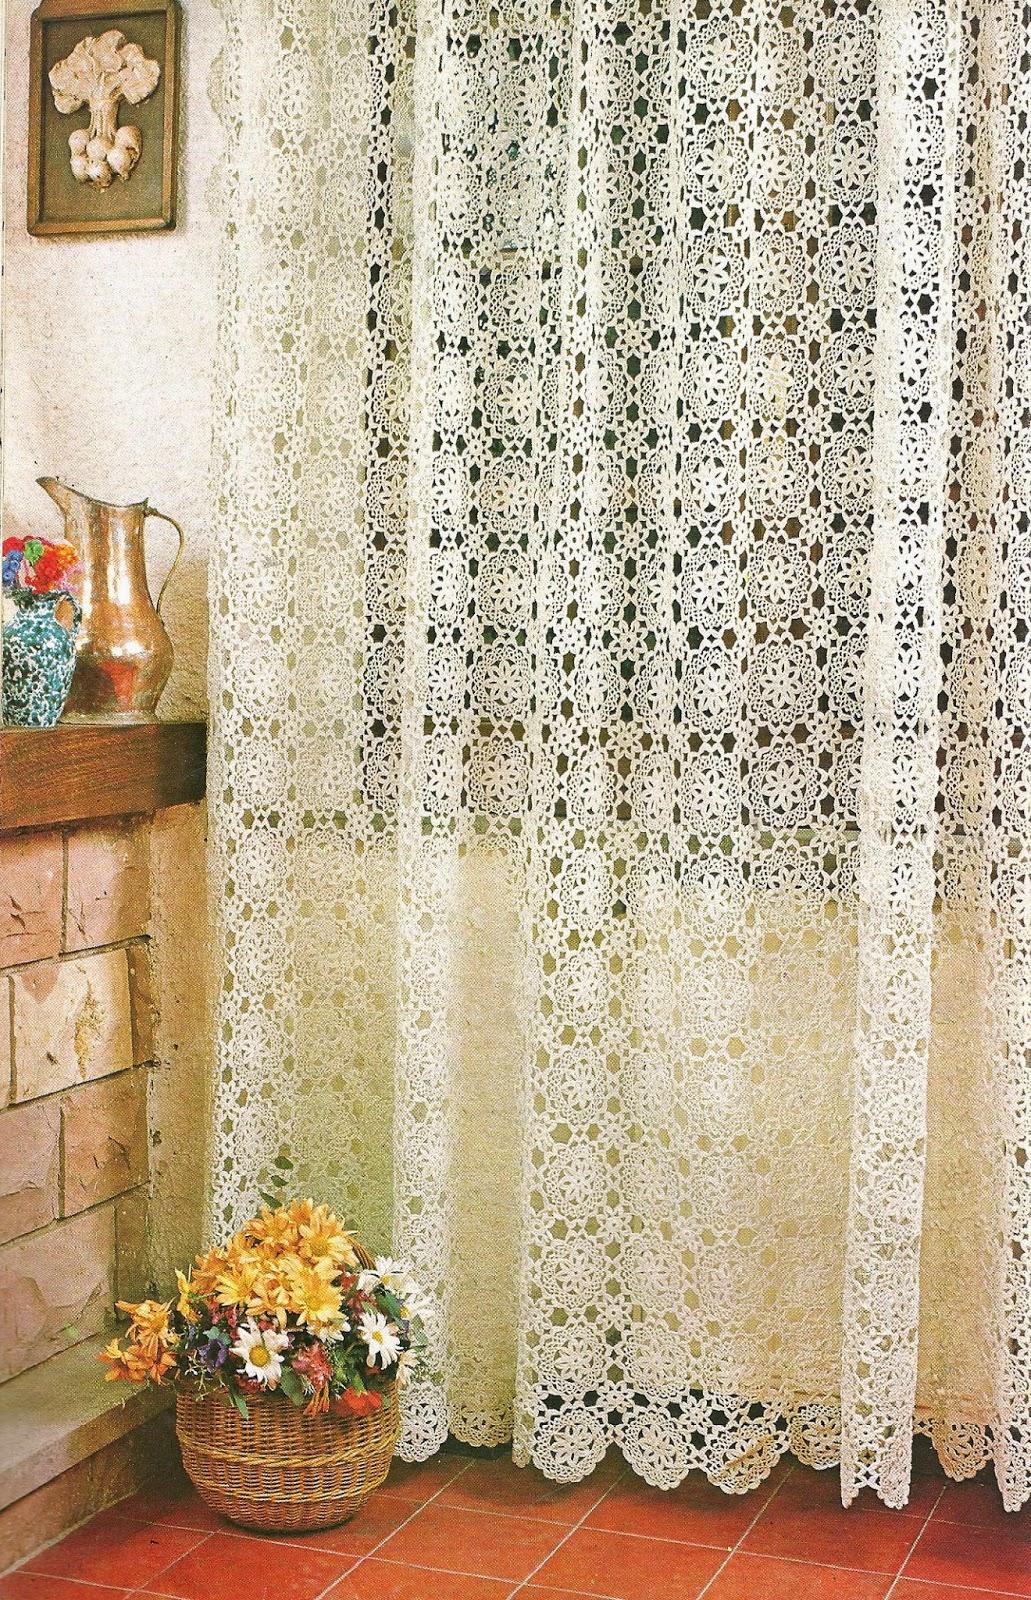 tejidos artesanales en crochet cortina con motivos de